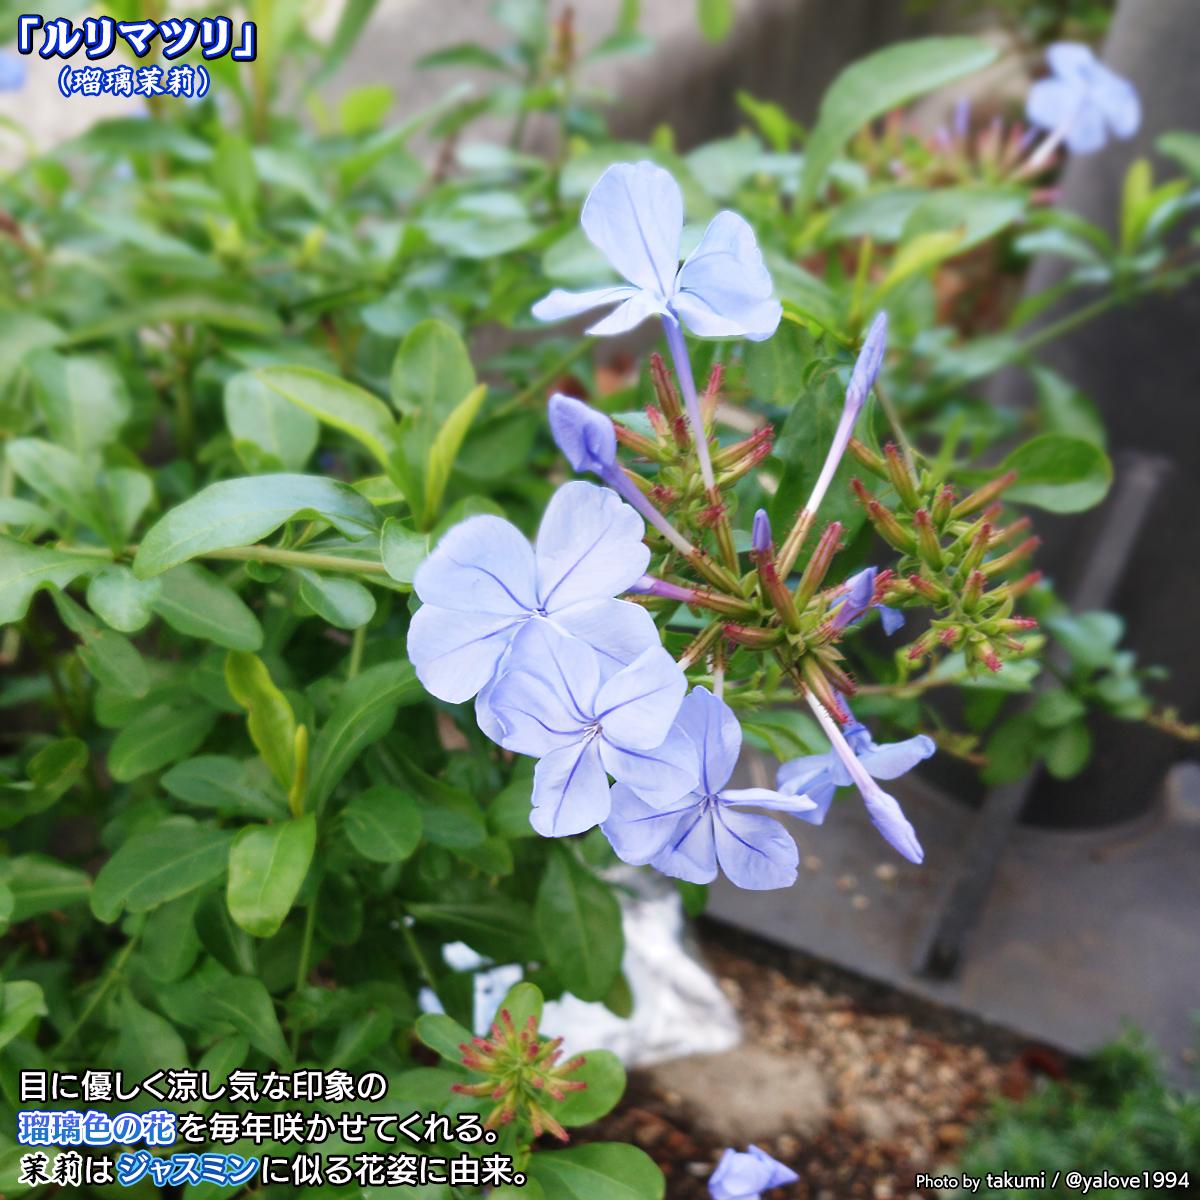 DSC_0003_BURST20201109132253128.jpg